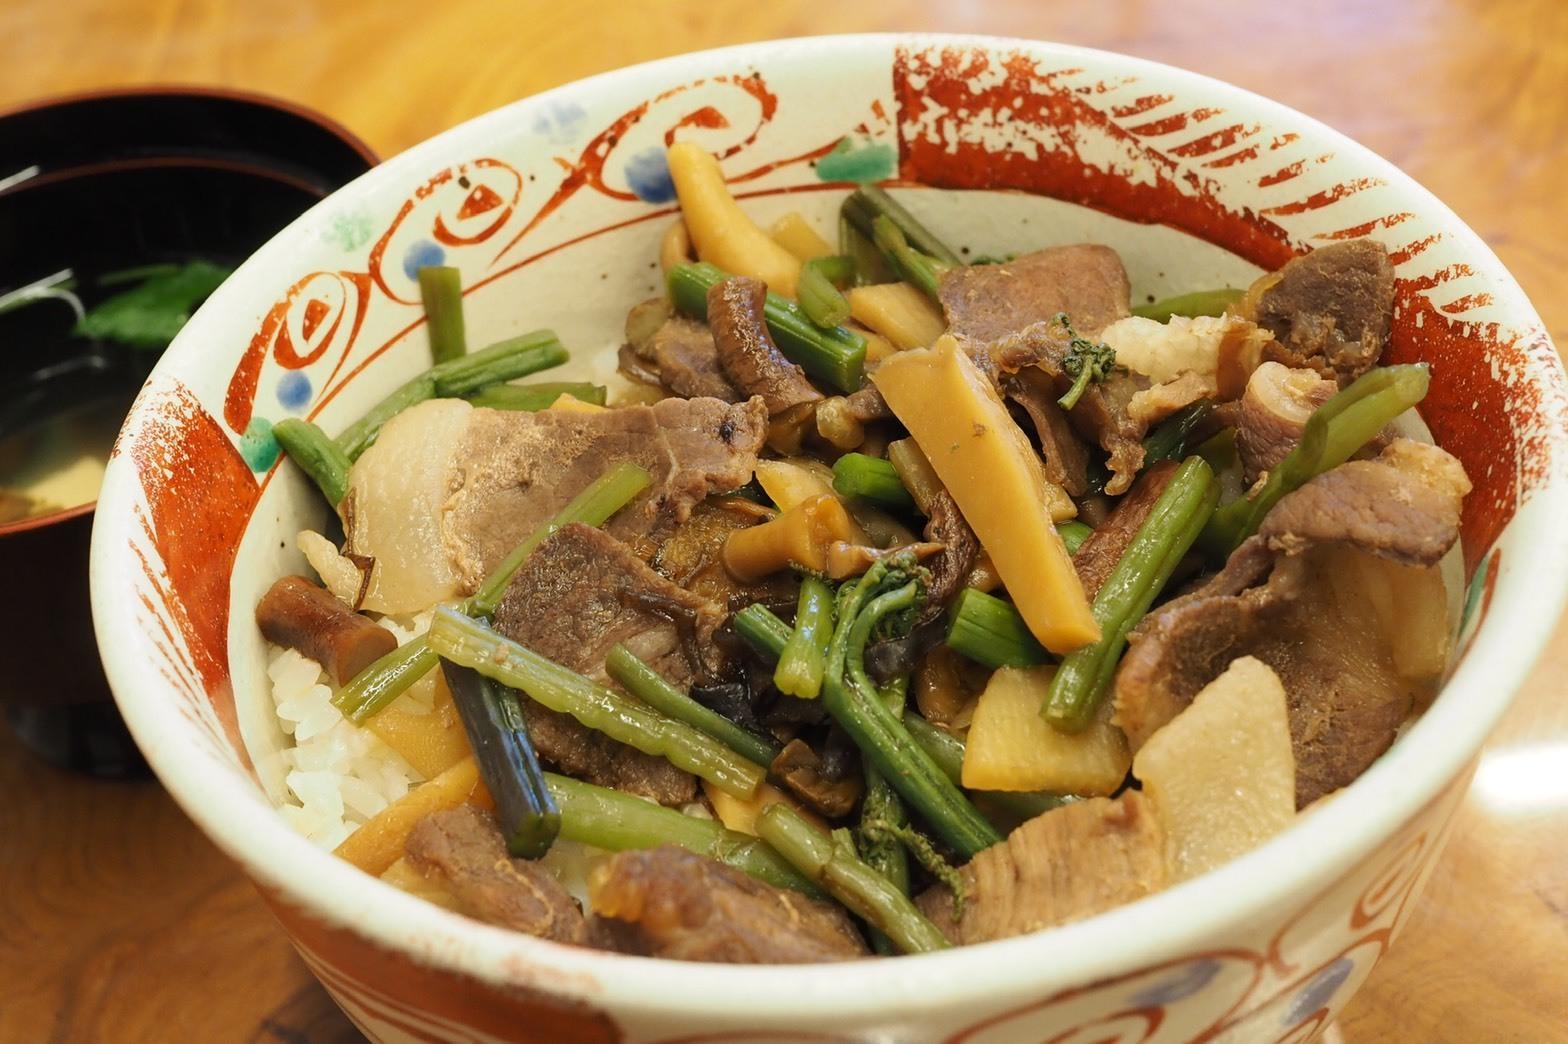 ぴーきちグルメブログ 石川県 レストラン手取川 猪丼